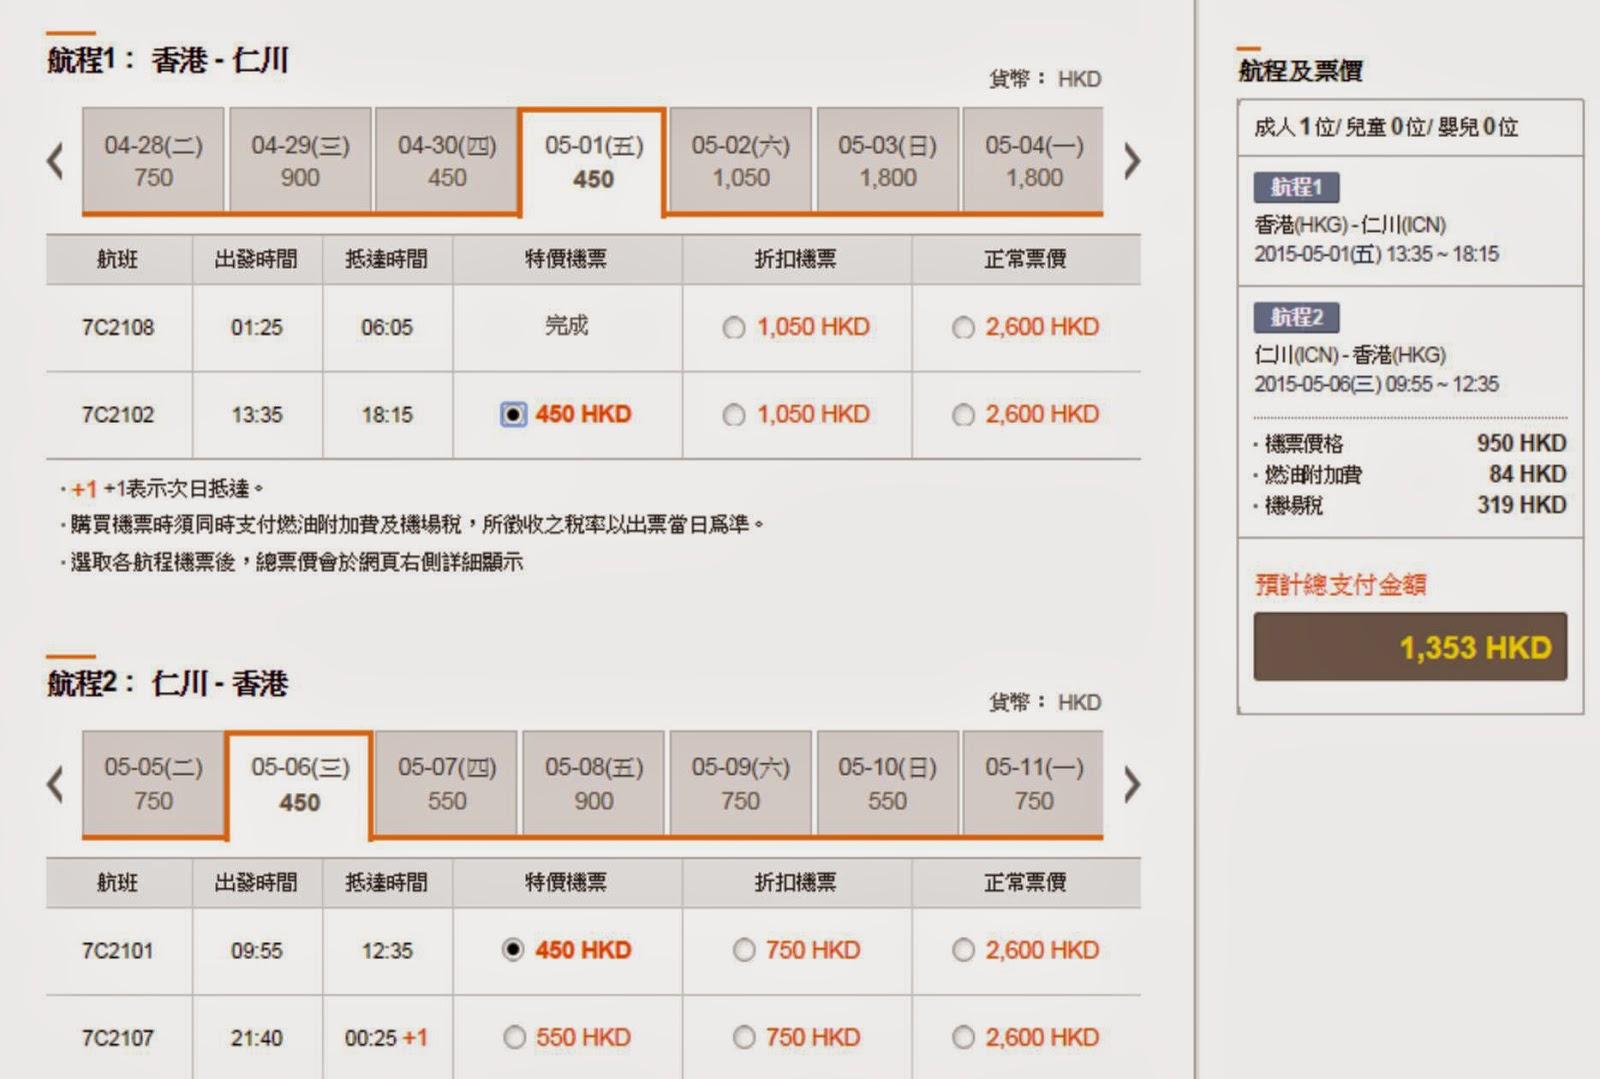 濟洲航空香港飛首爾4月30日出發,5月6日回程,來回連稅$1,353